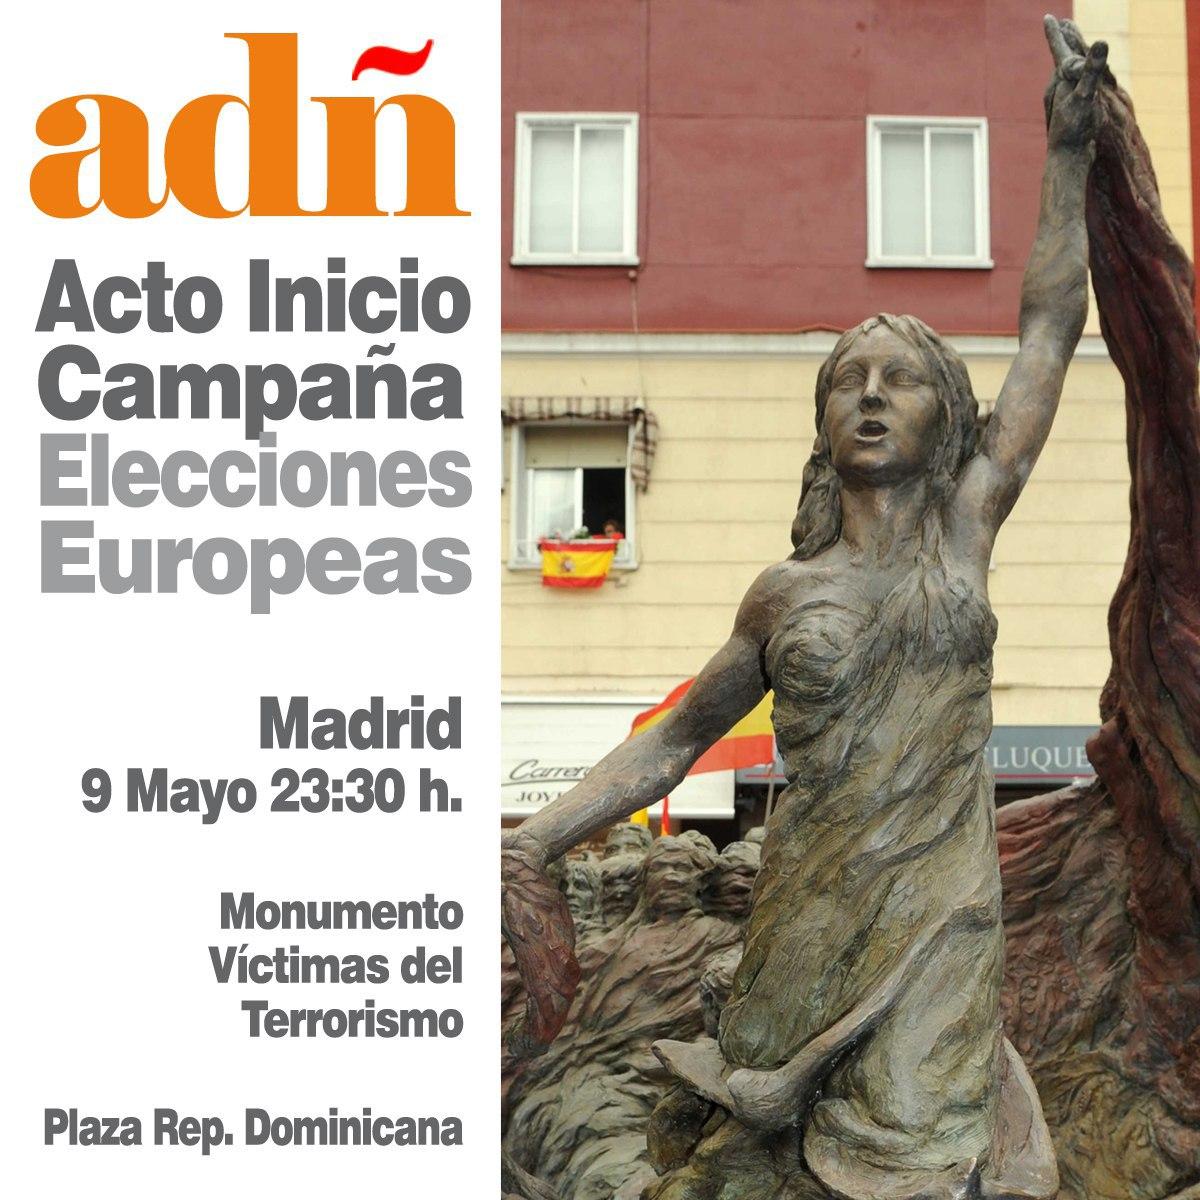 Acto inicio de campaña para las Elecciones Europeas. Jueves a las 23:30 h. en la Plaza de la República Dominicana